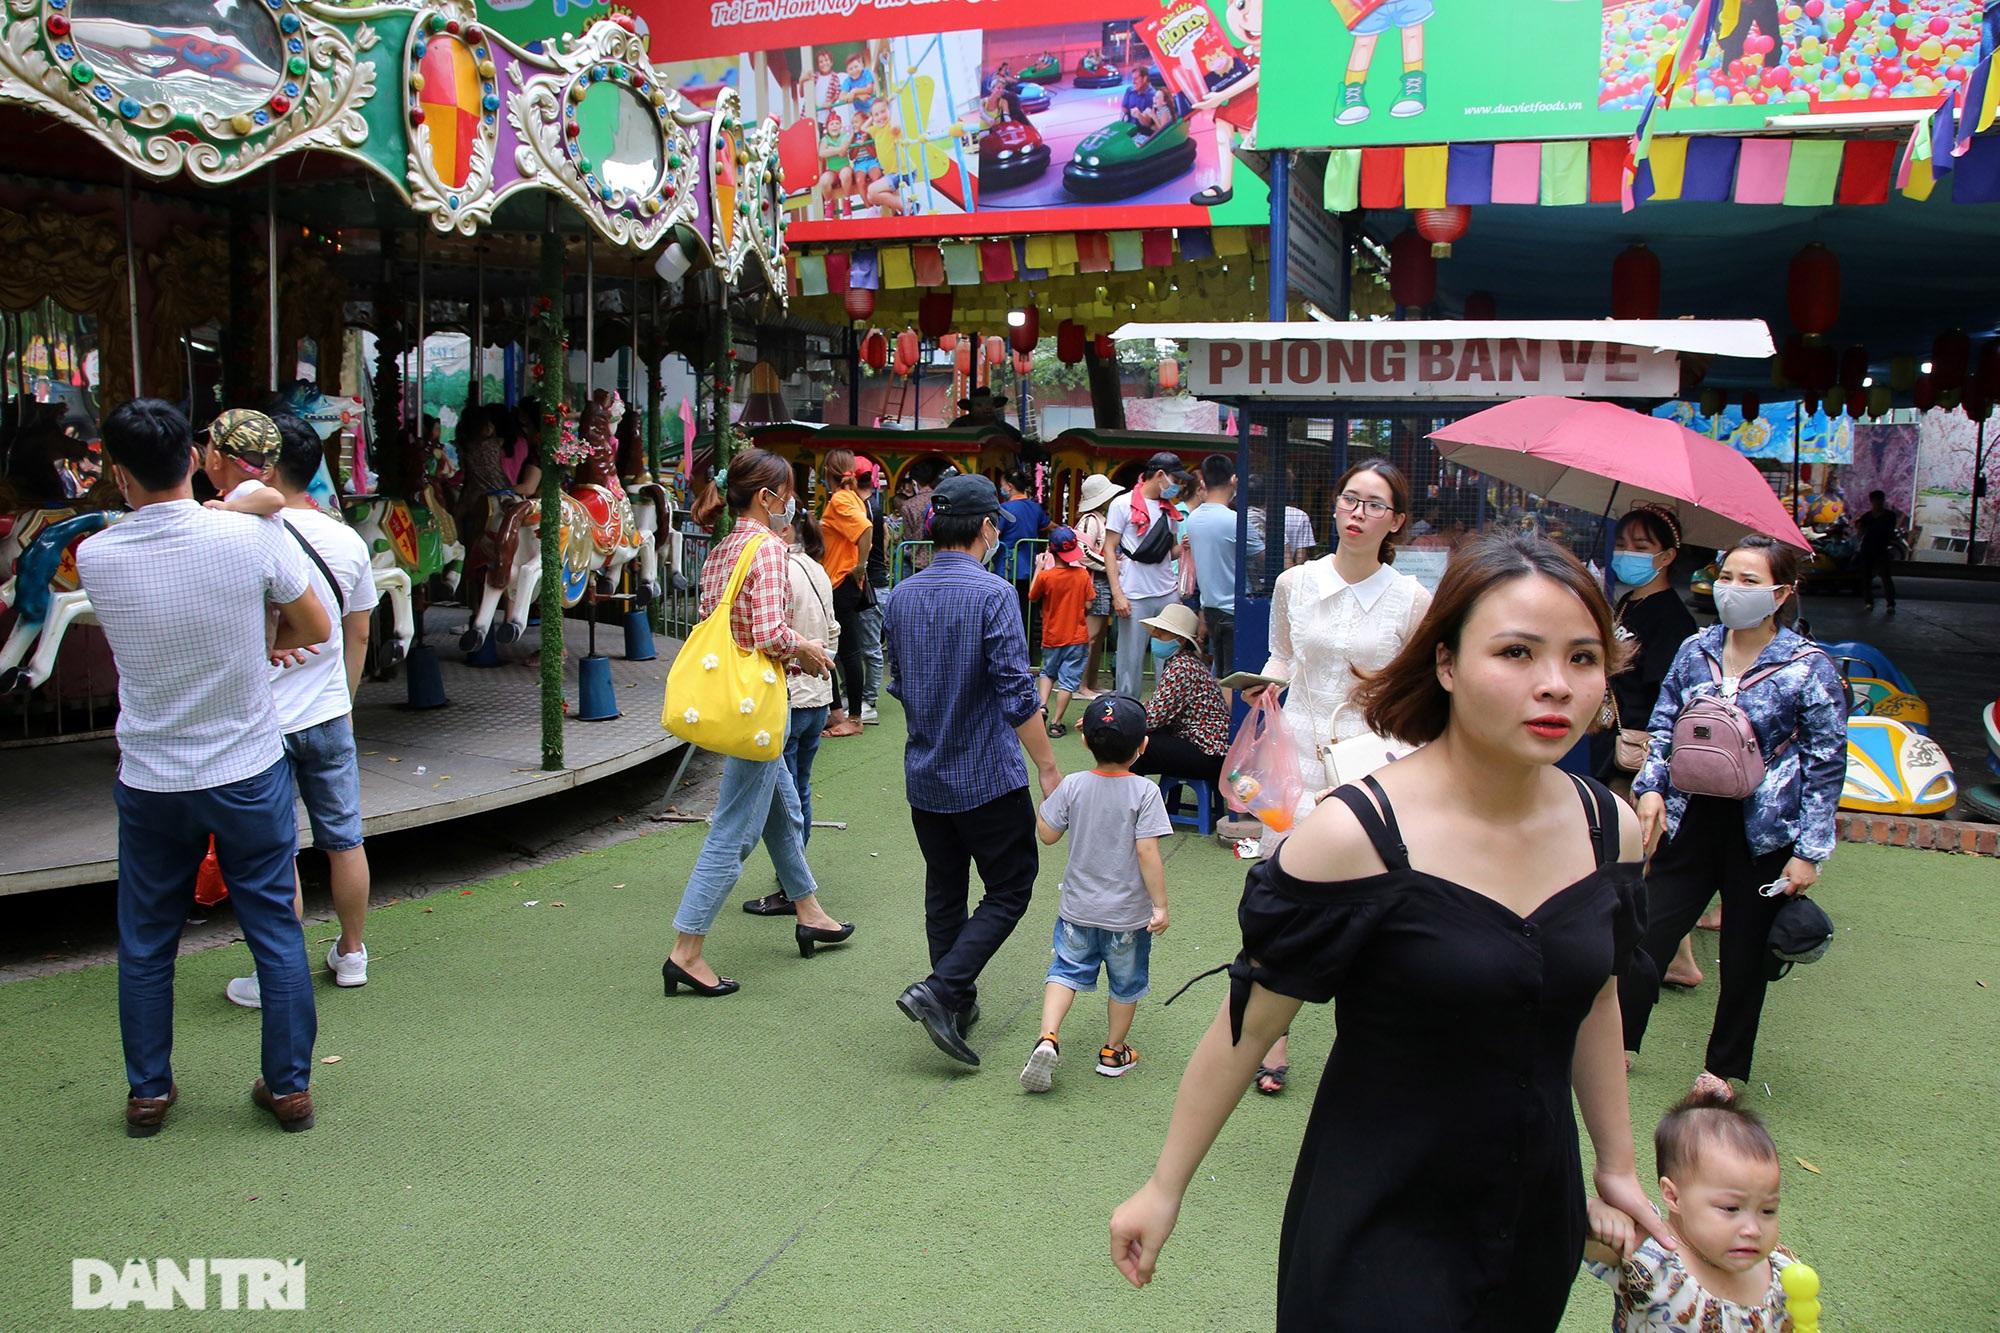 Mặc dù lo ngại dịch Covid-19, nhiều điểm vui chơi ở Hà Nội vẫn đông khách - 13